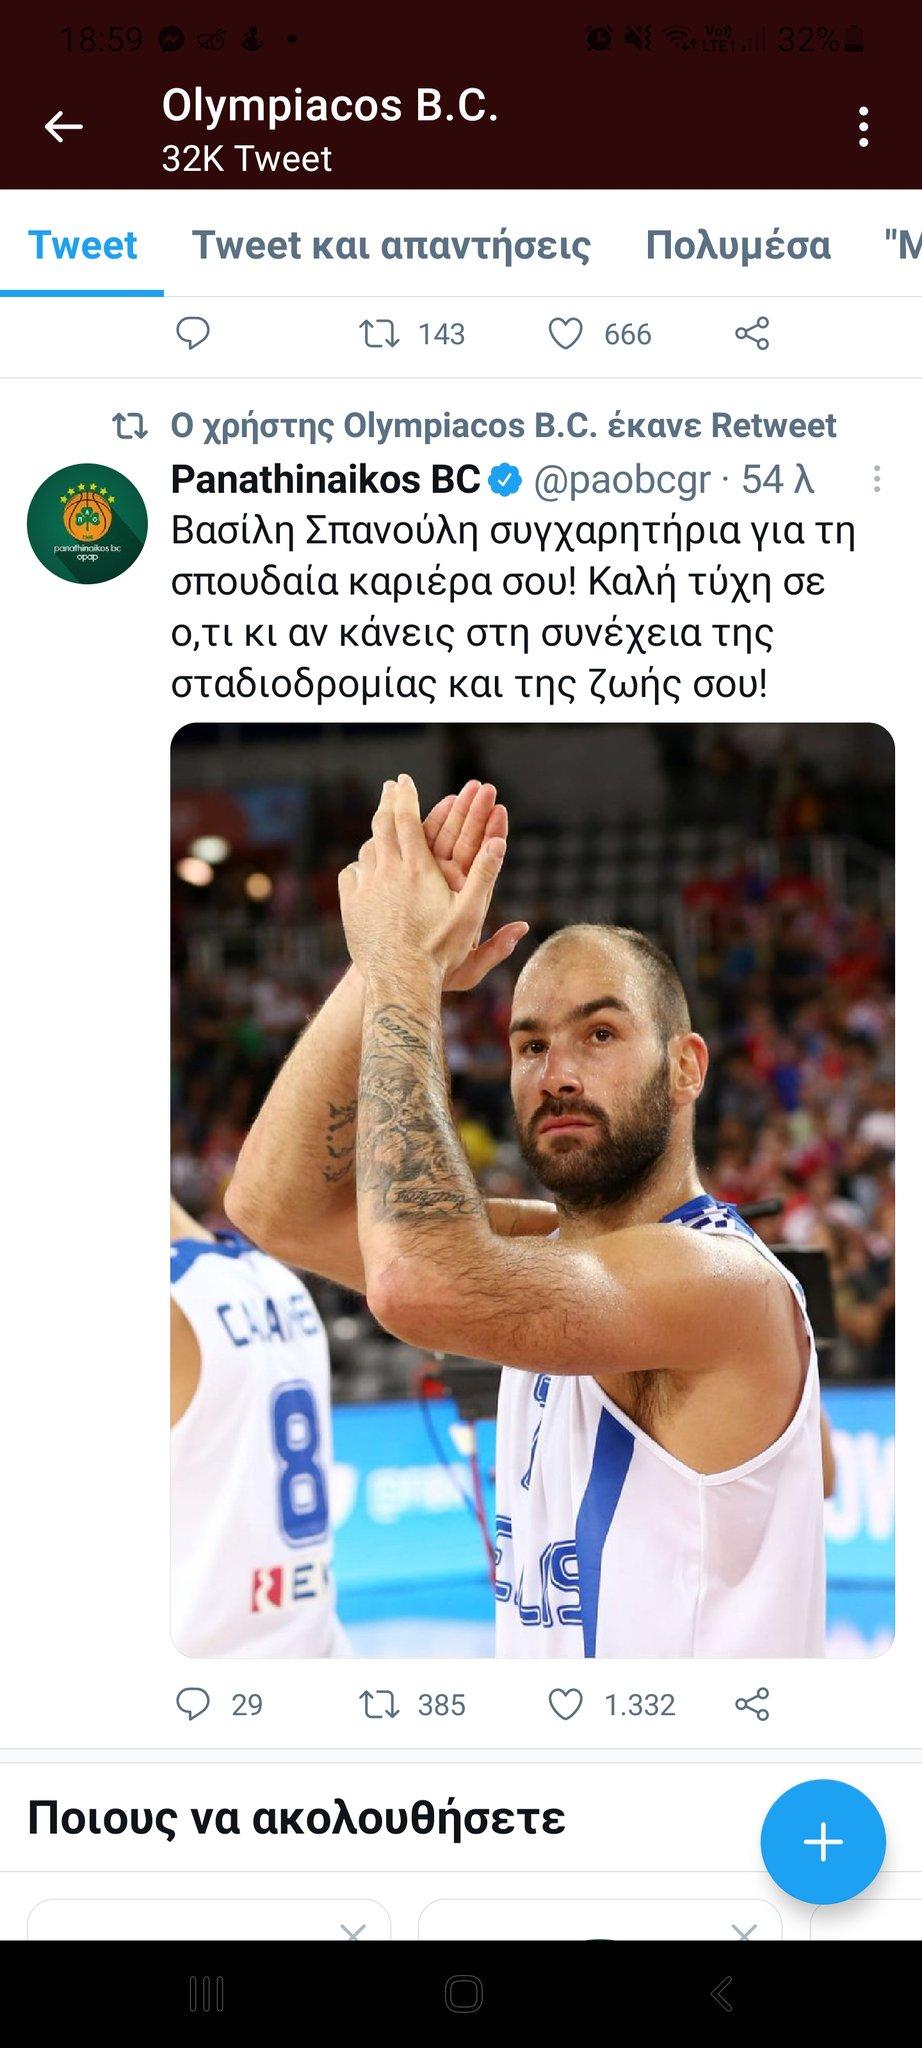 Κοινοποίησε Παναθηναϊκό ο Ολυμπιακός!